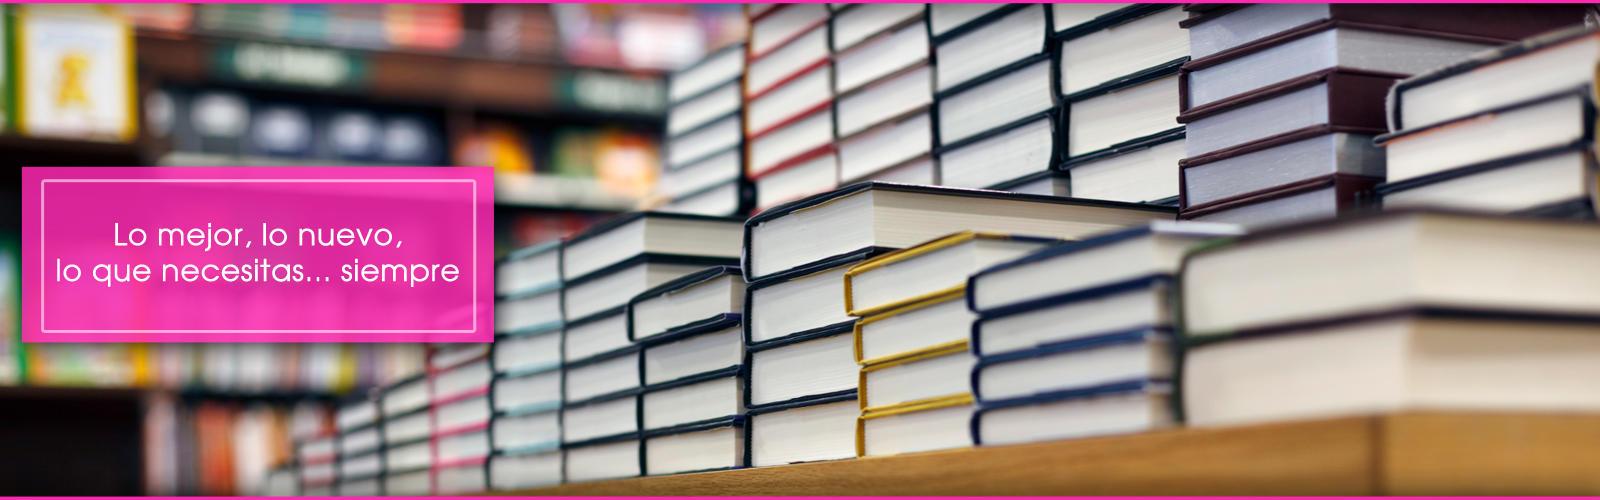 Librería Senise